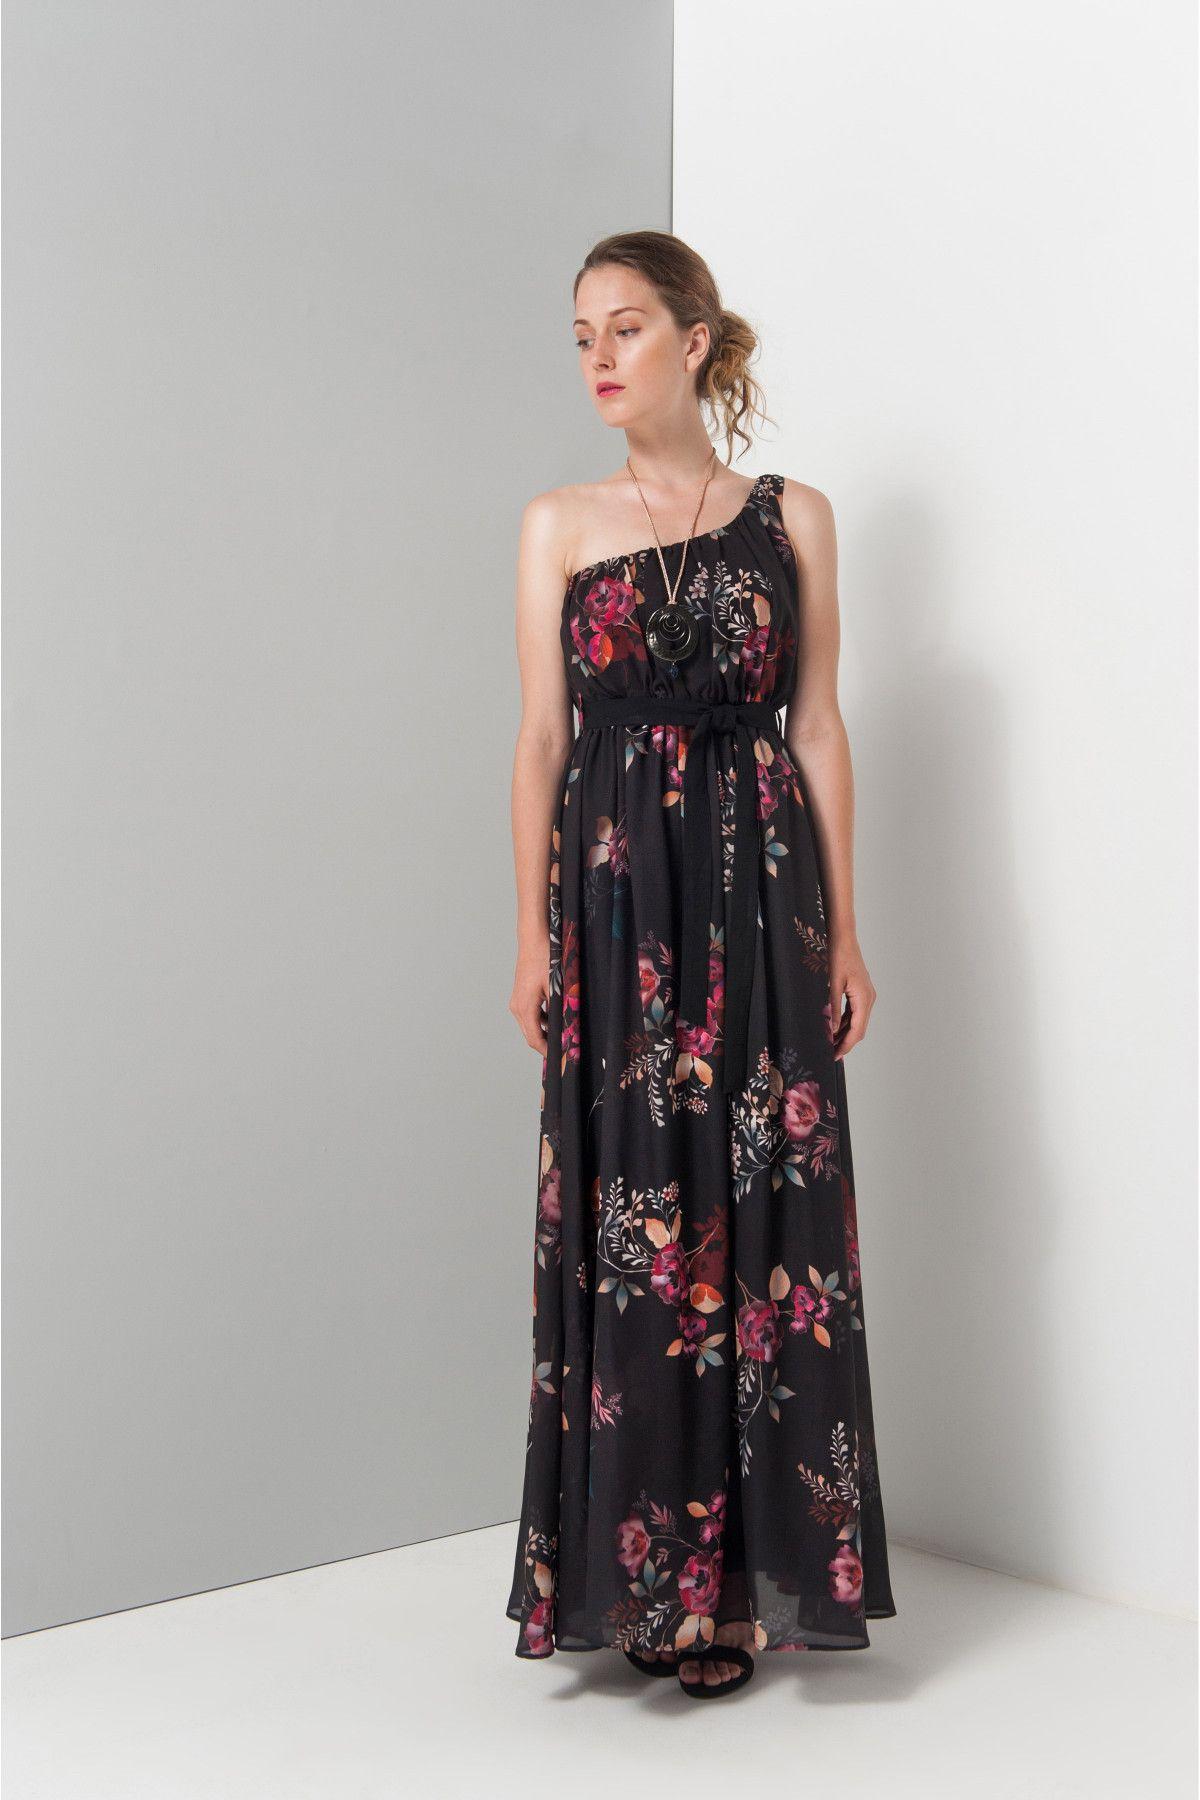 Φορεμα floral μαξι  30bb1807e05